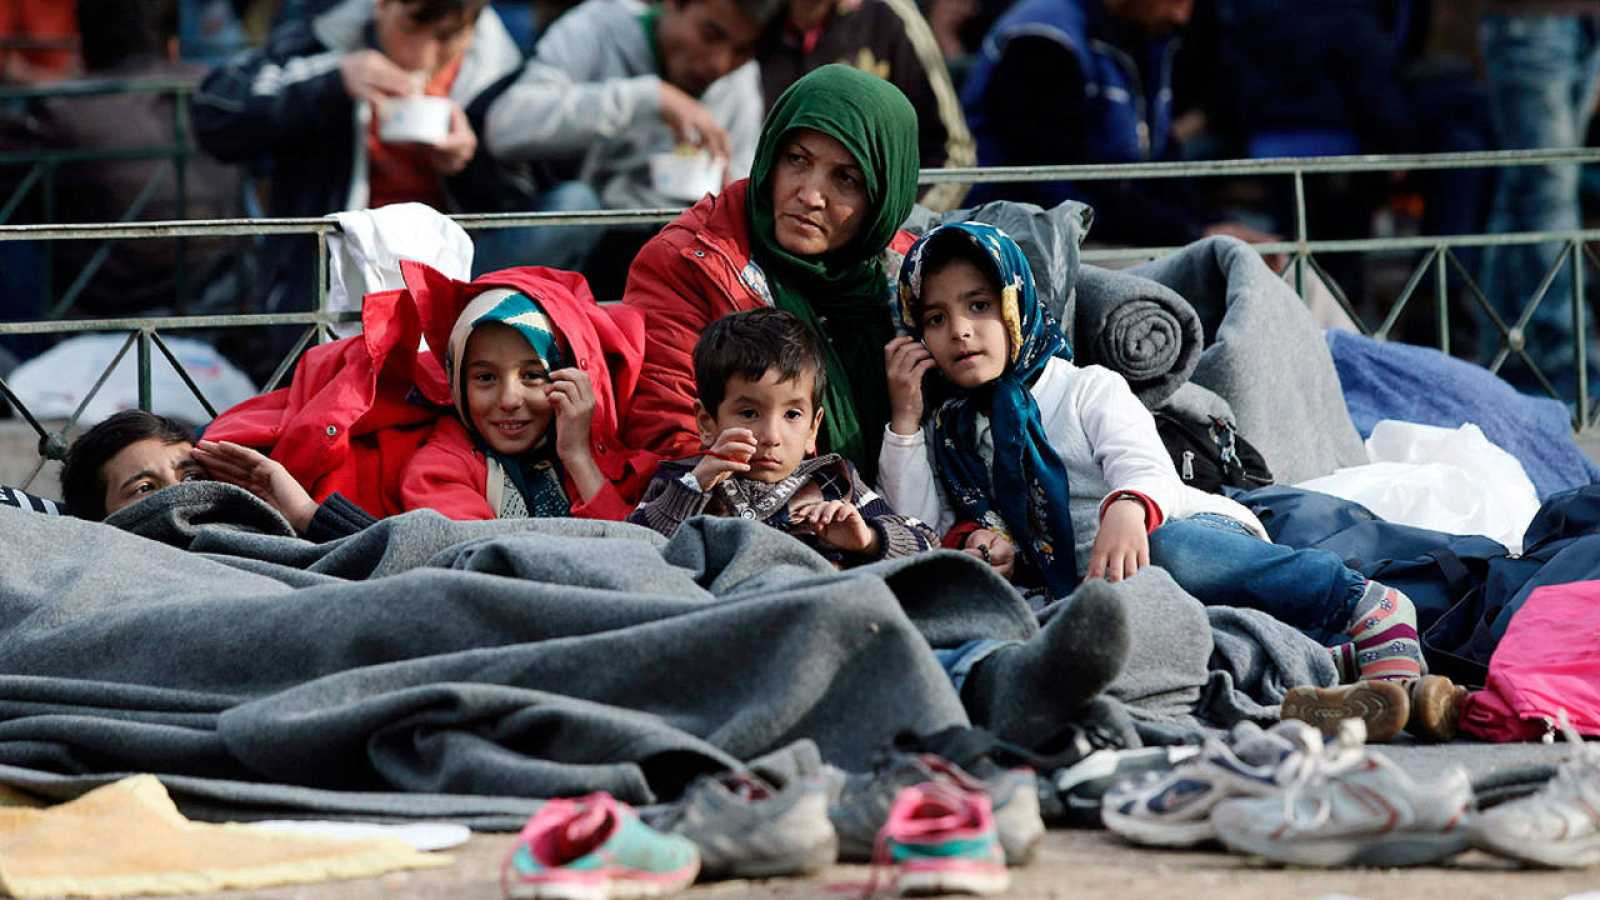 Una refugiada espera con varios niños en Atenas